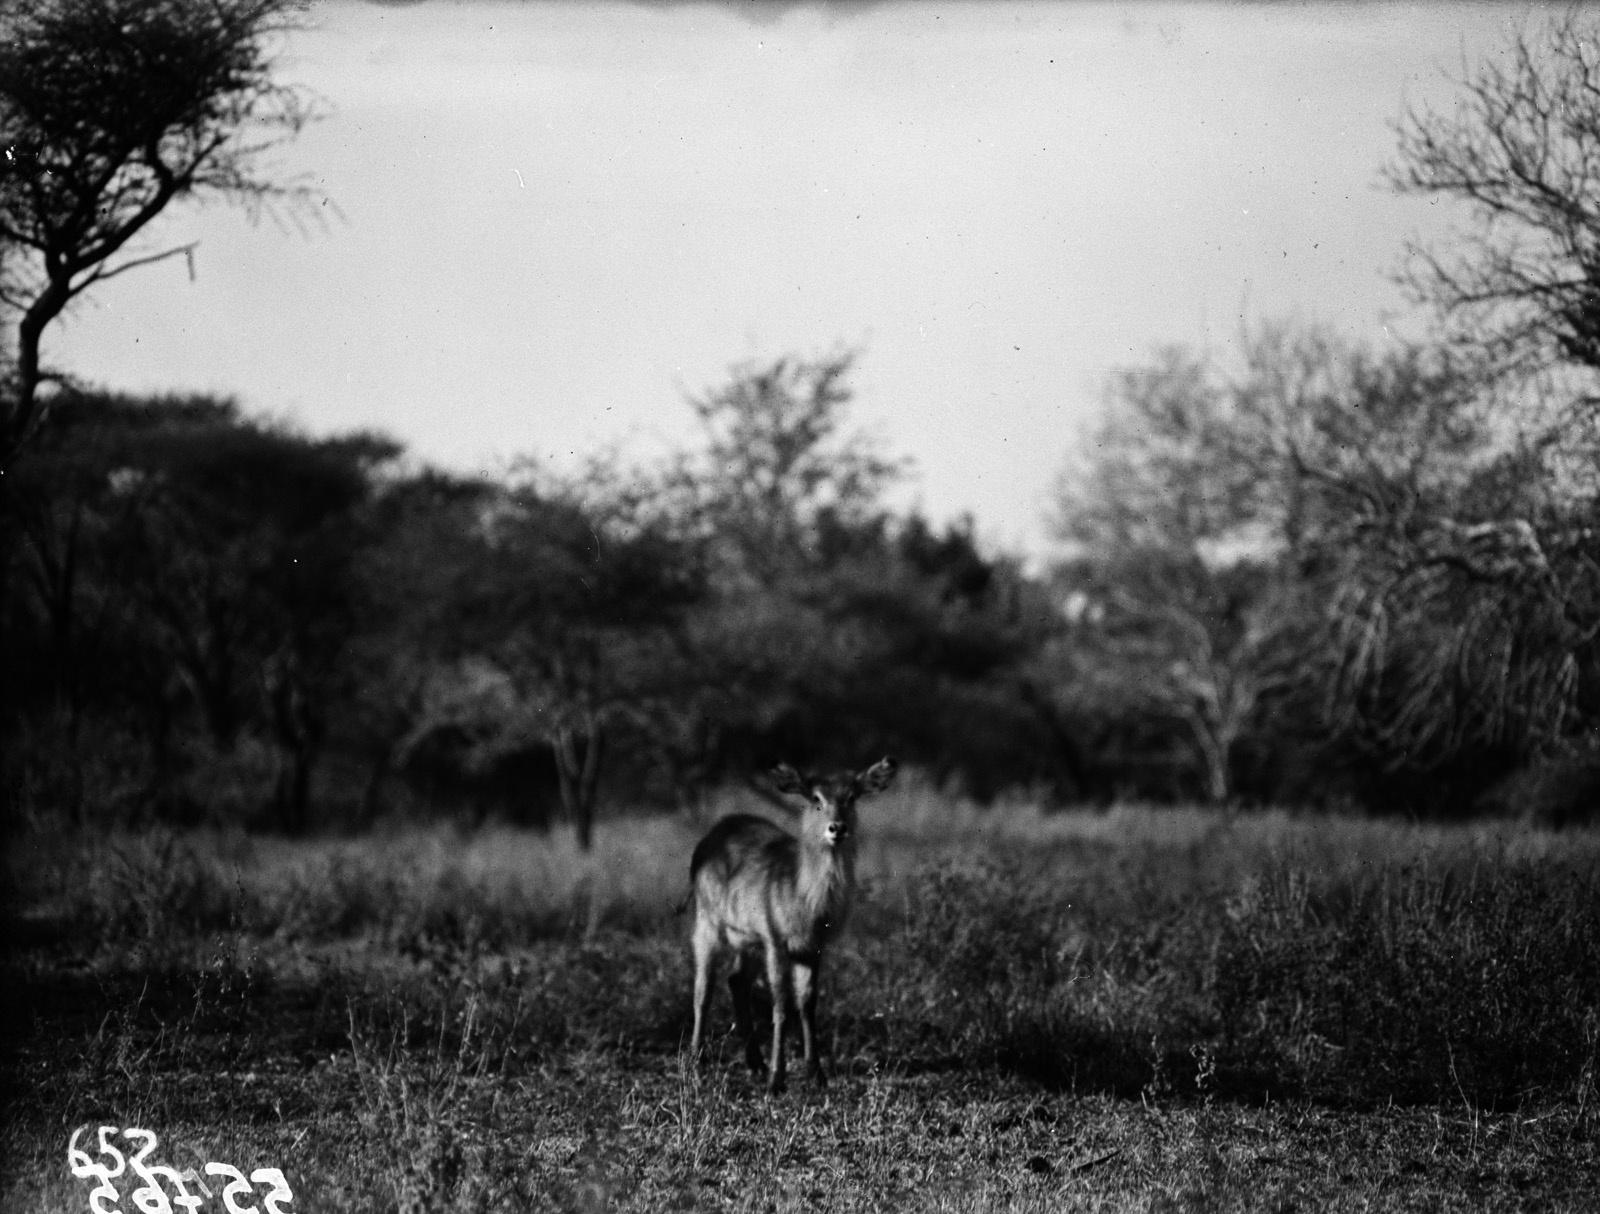 Национальный парк Крюгера. Водный козёл